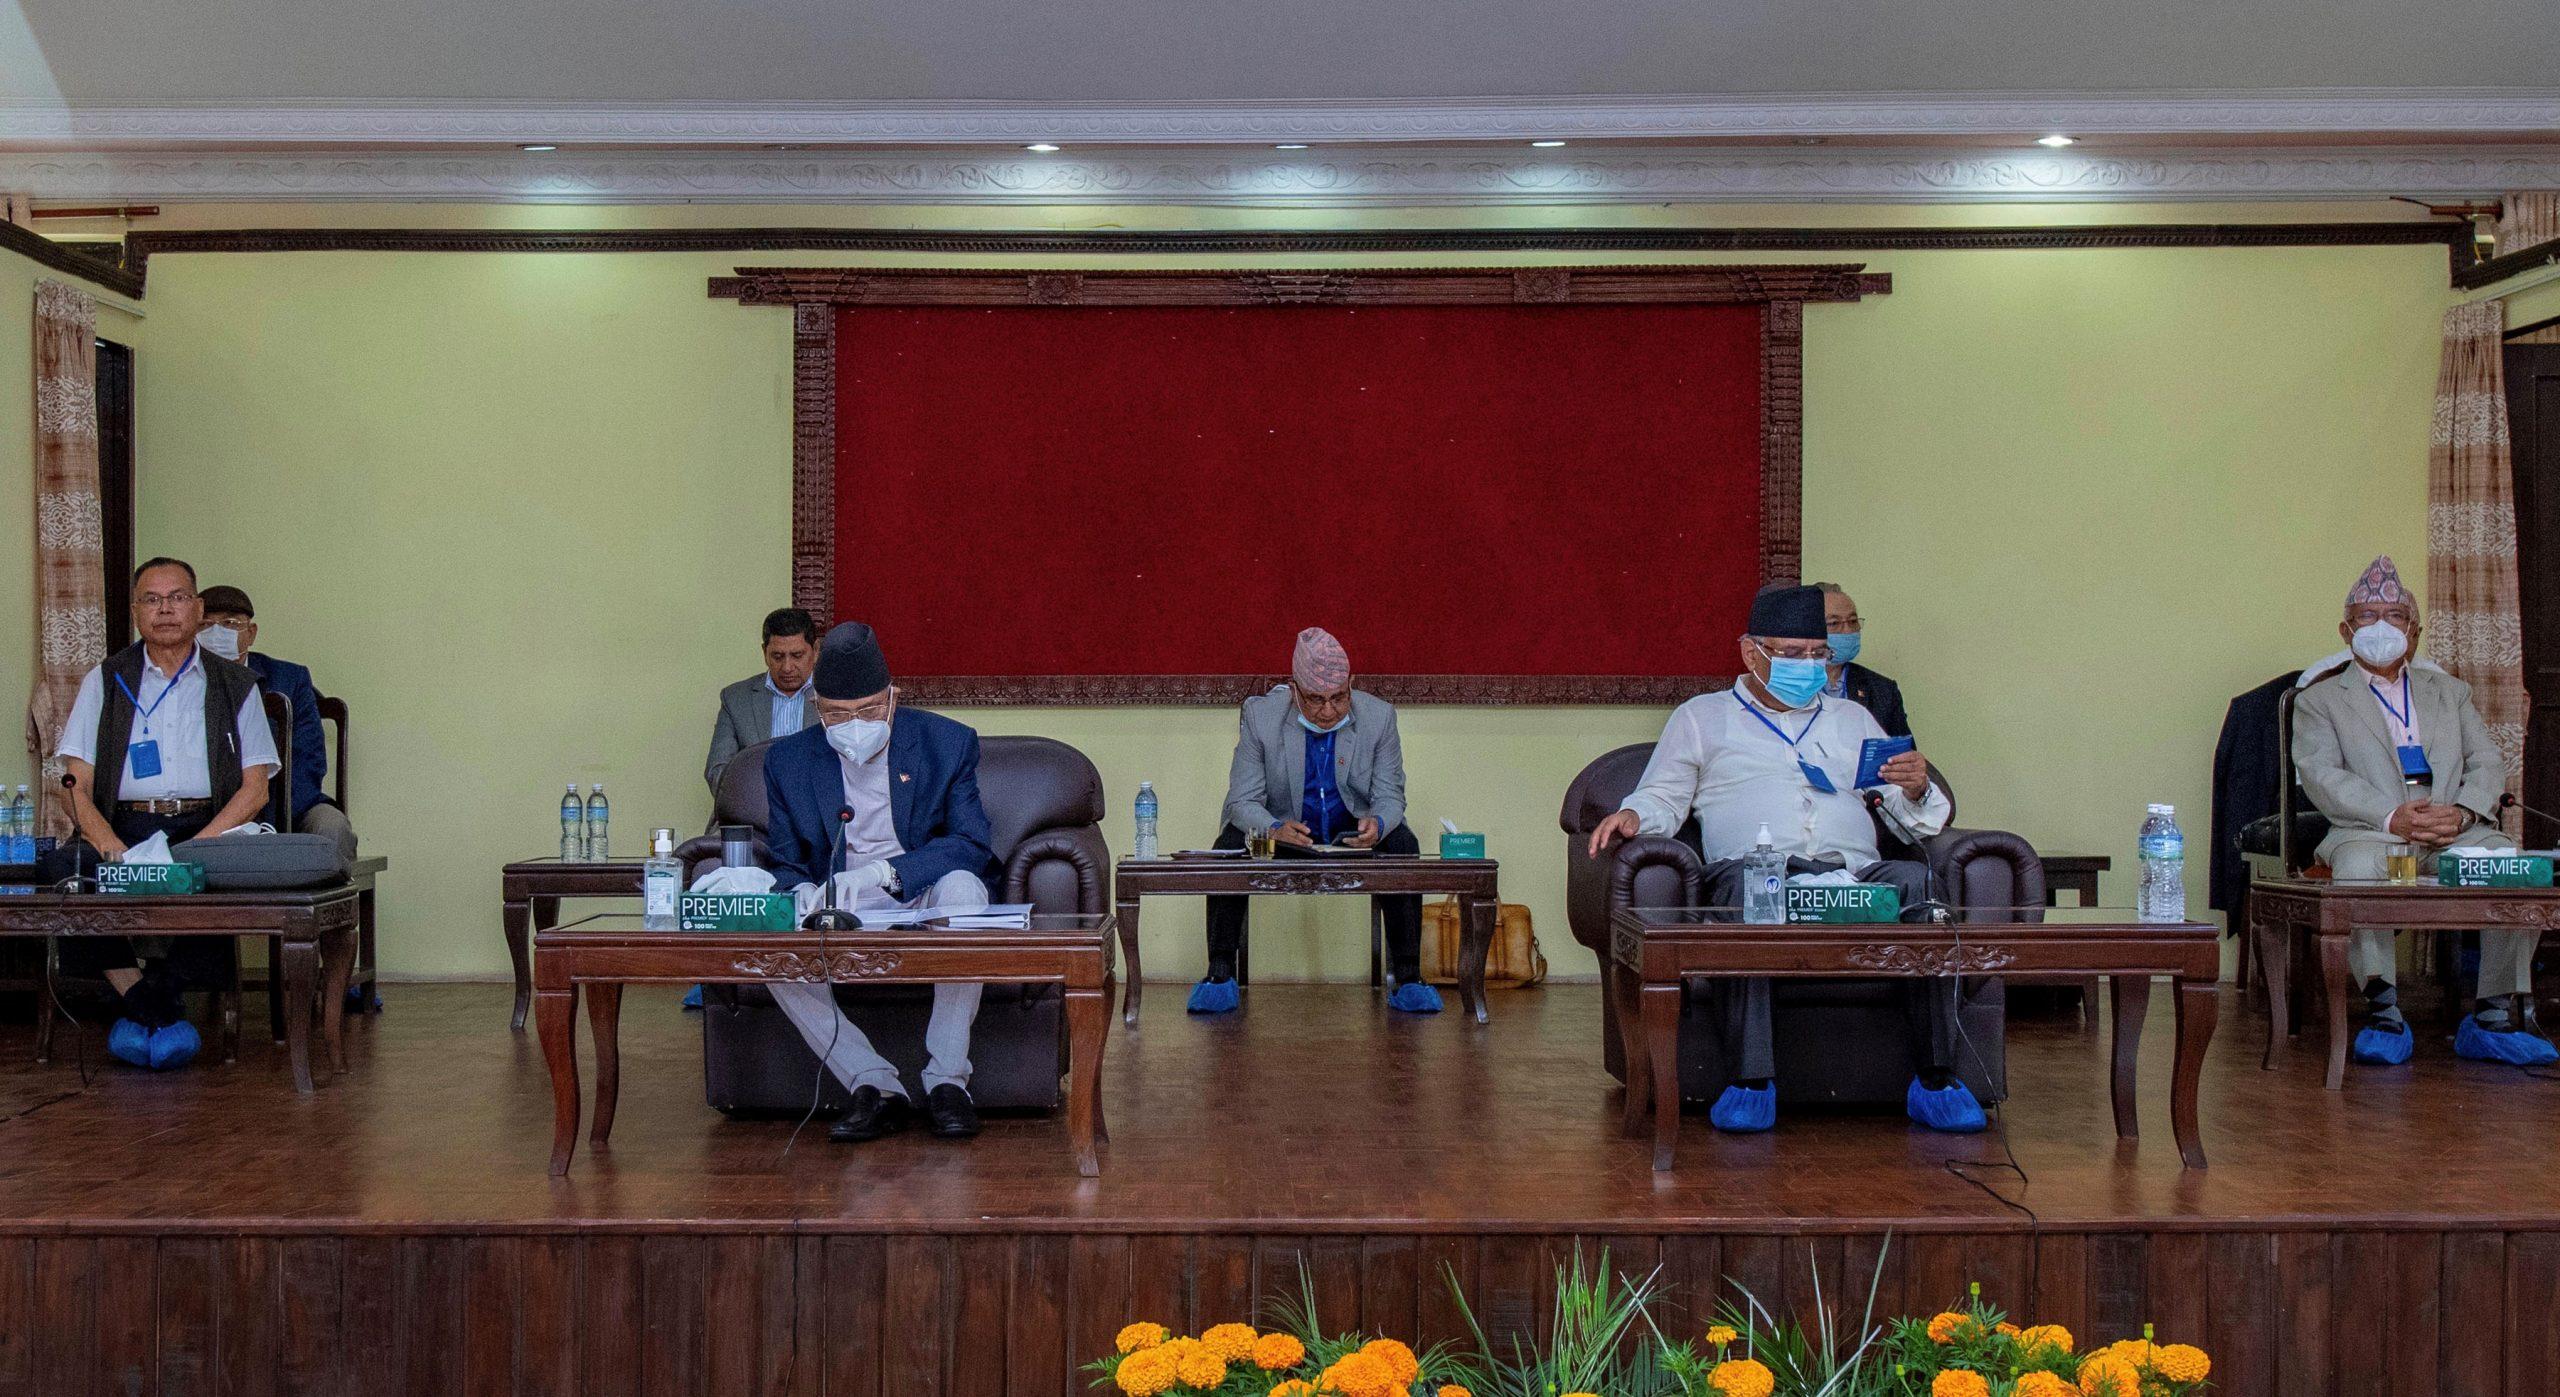 नेकपा स्थायी समिति बैठक ः पाँच एजेन्डा तय, एमसिसी चौथो नम्बरमा